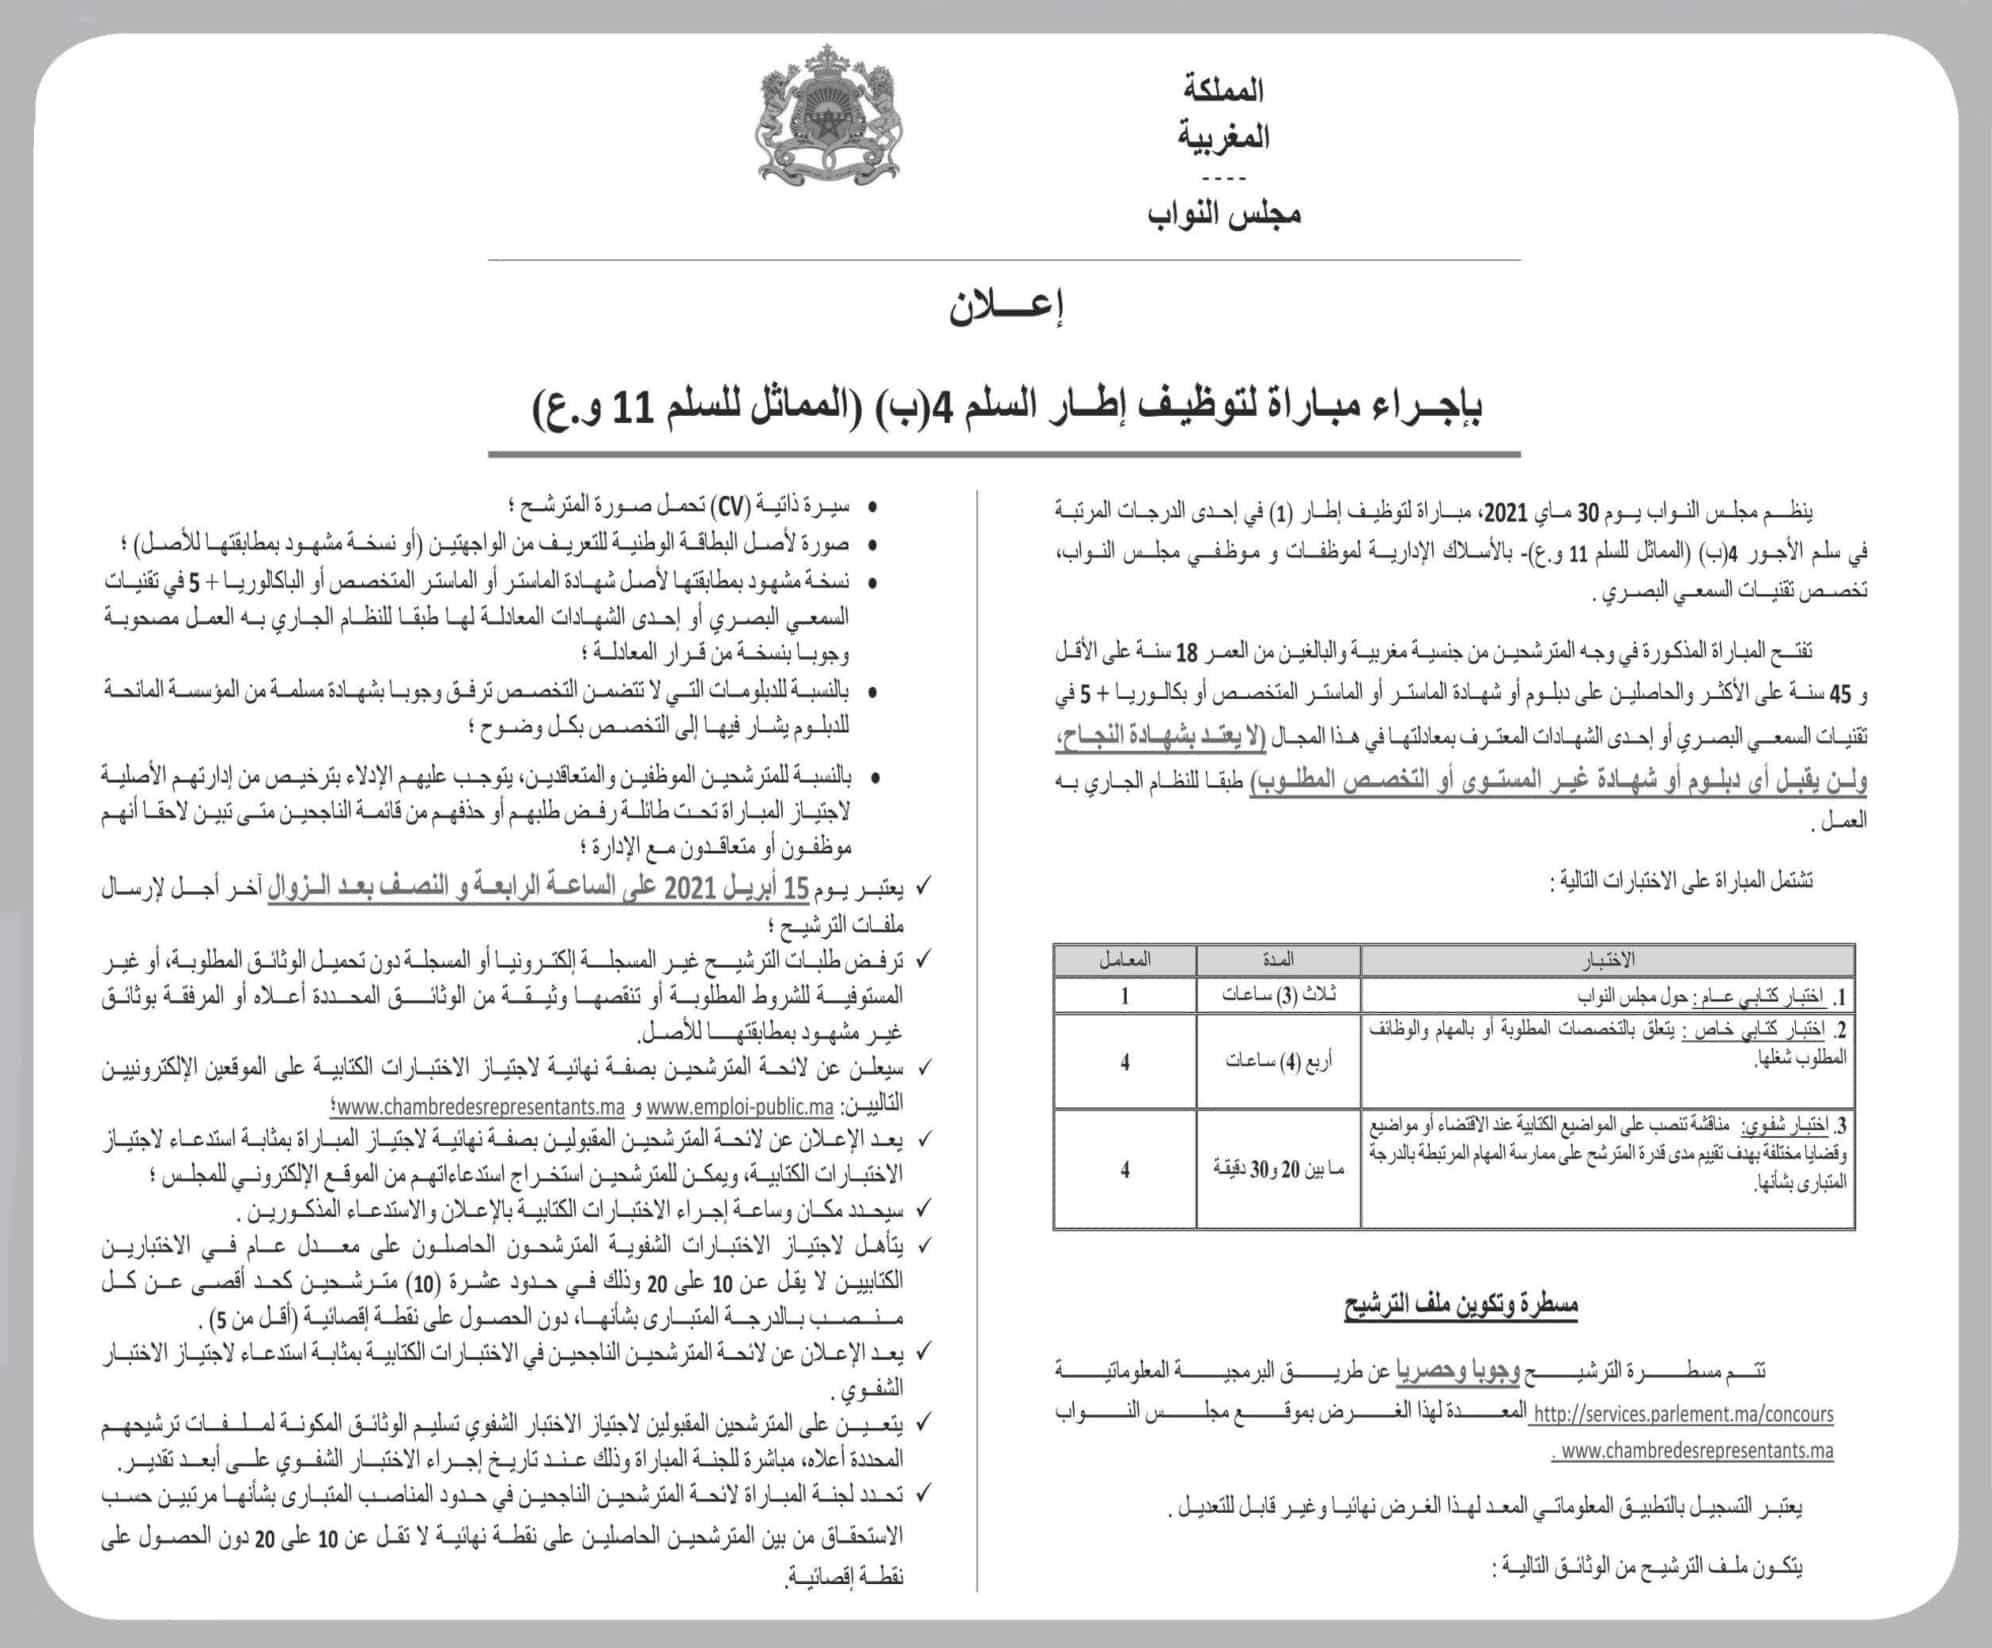 avis de concours pdf chambre representants 2021 3 Résultats Concours Chambre des Représentants 2021 (52 Postes)